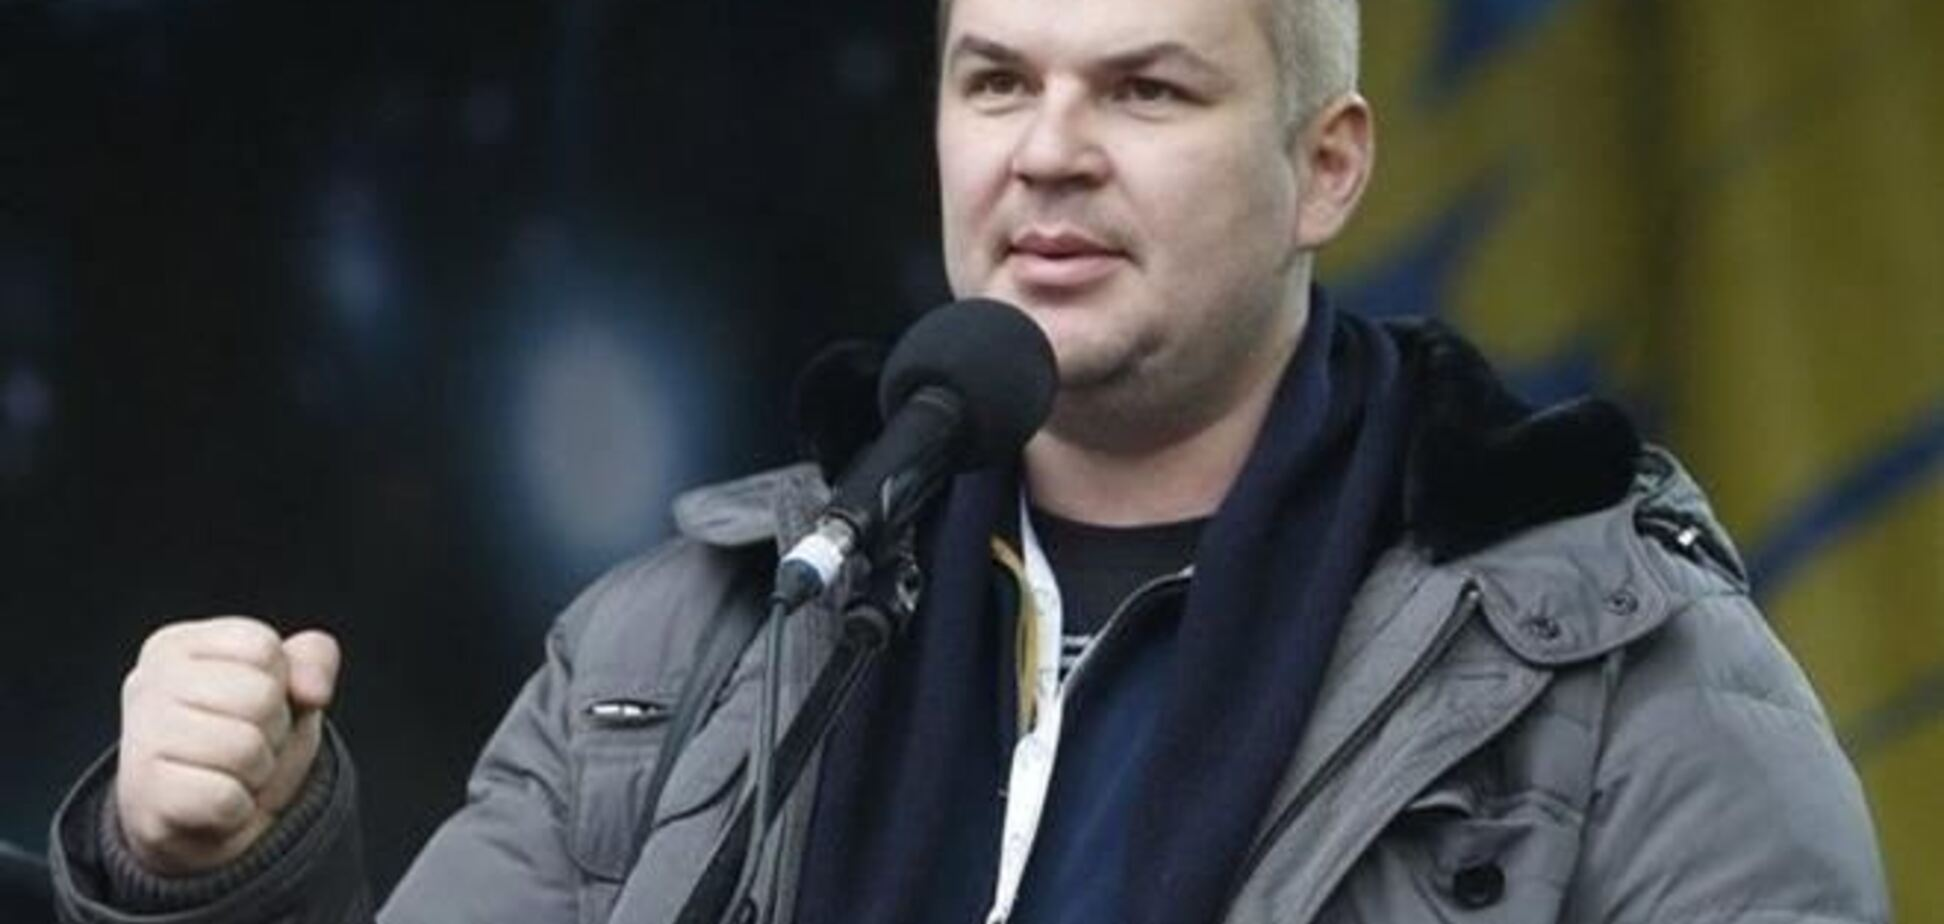 Эксперт не исключает, что исчезновение Булатова было спланированной акцией самих организаторов протестов